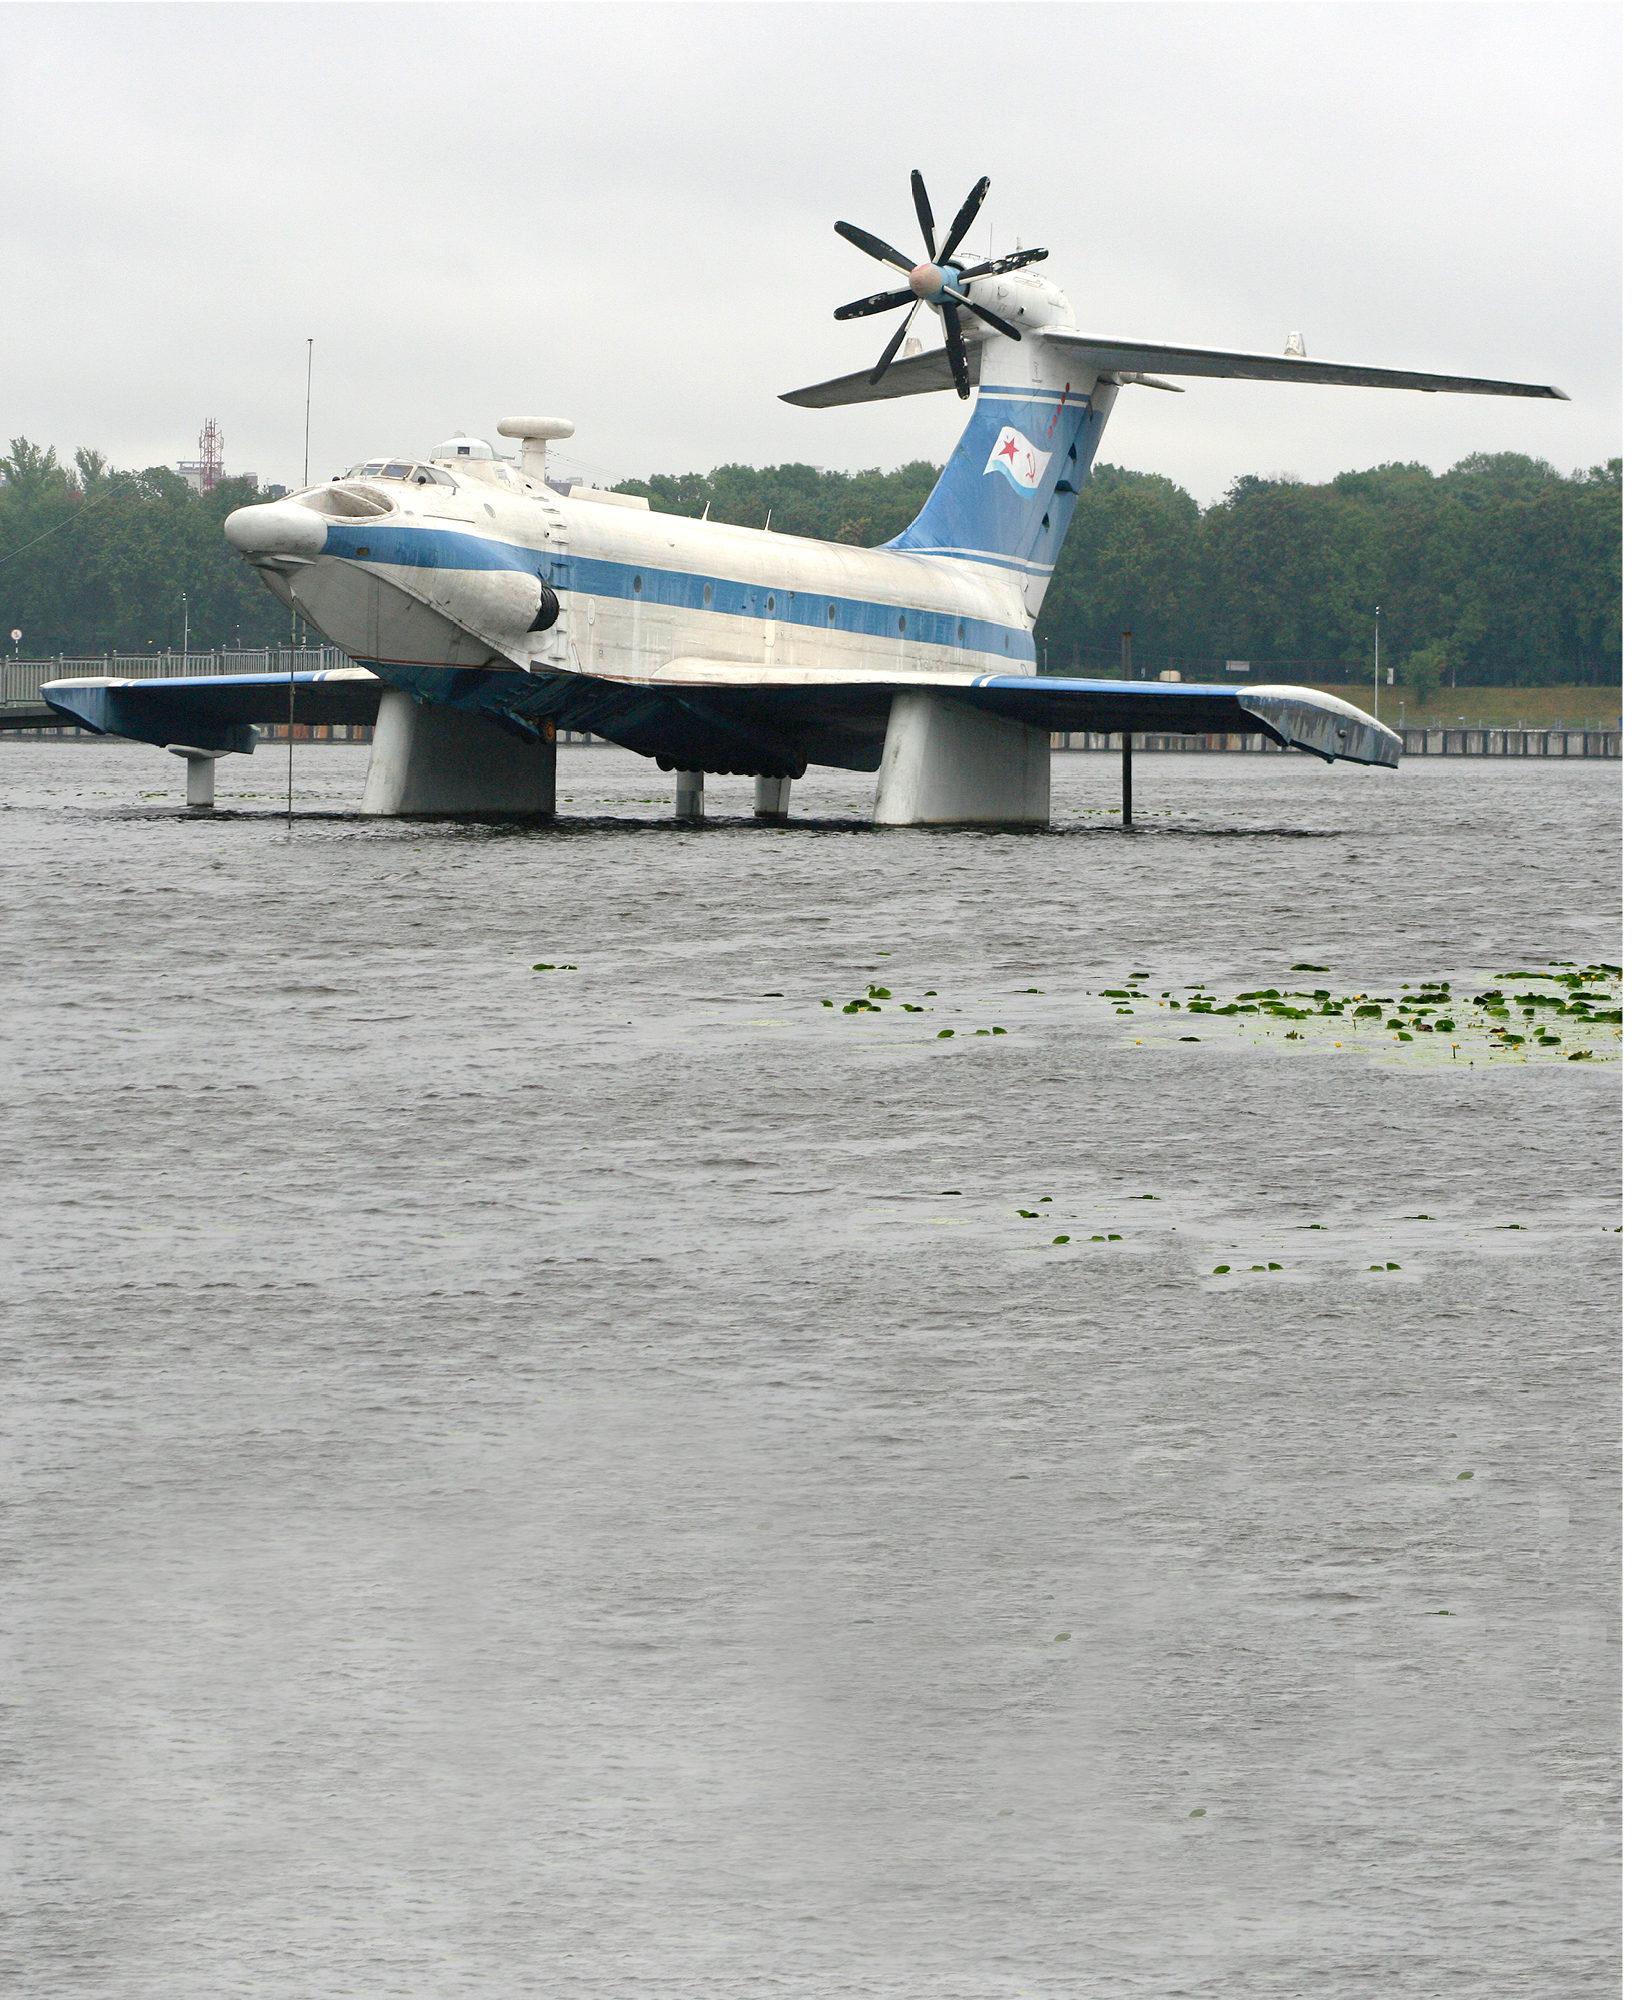 Yksi Kaspianmeren ekranoplan-ohjelman aluksista, vuosina 1980-93 neuvostoarmeijan käytössä ollut A-90, viettää eläkepäiviään Moskovassa.